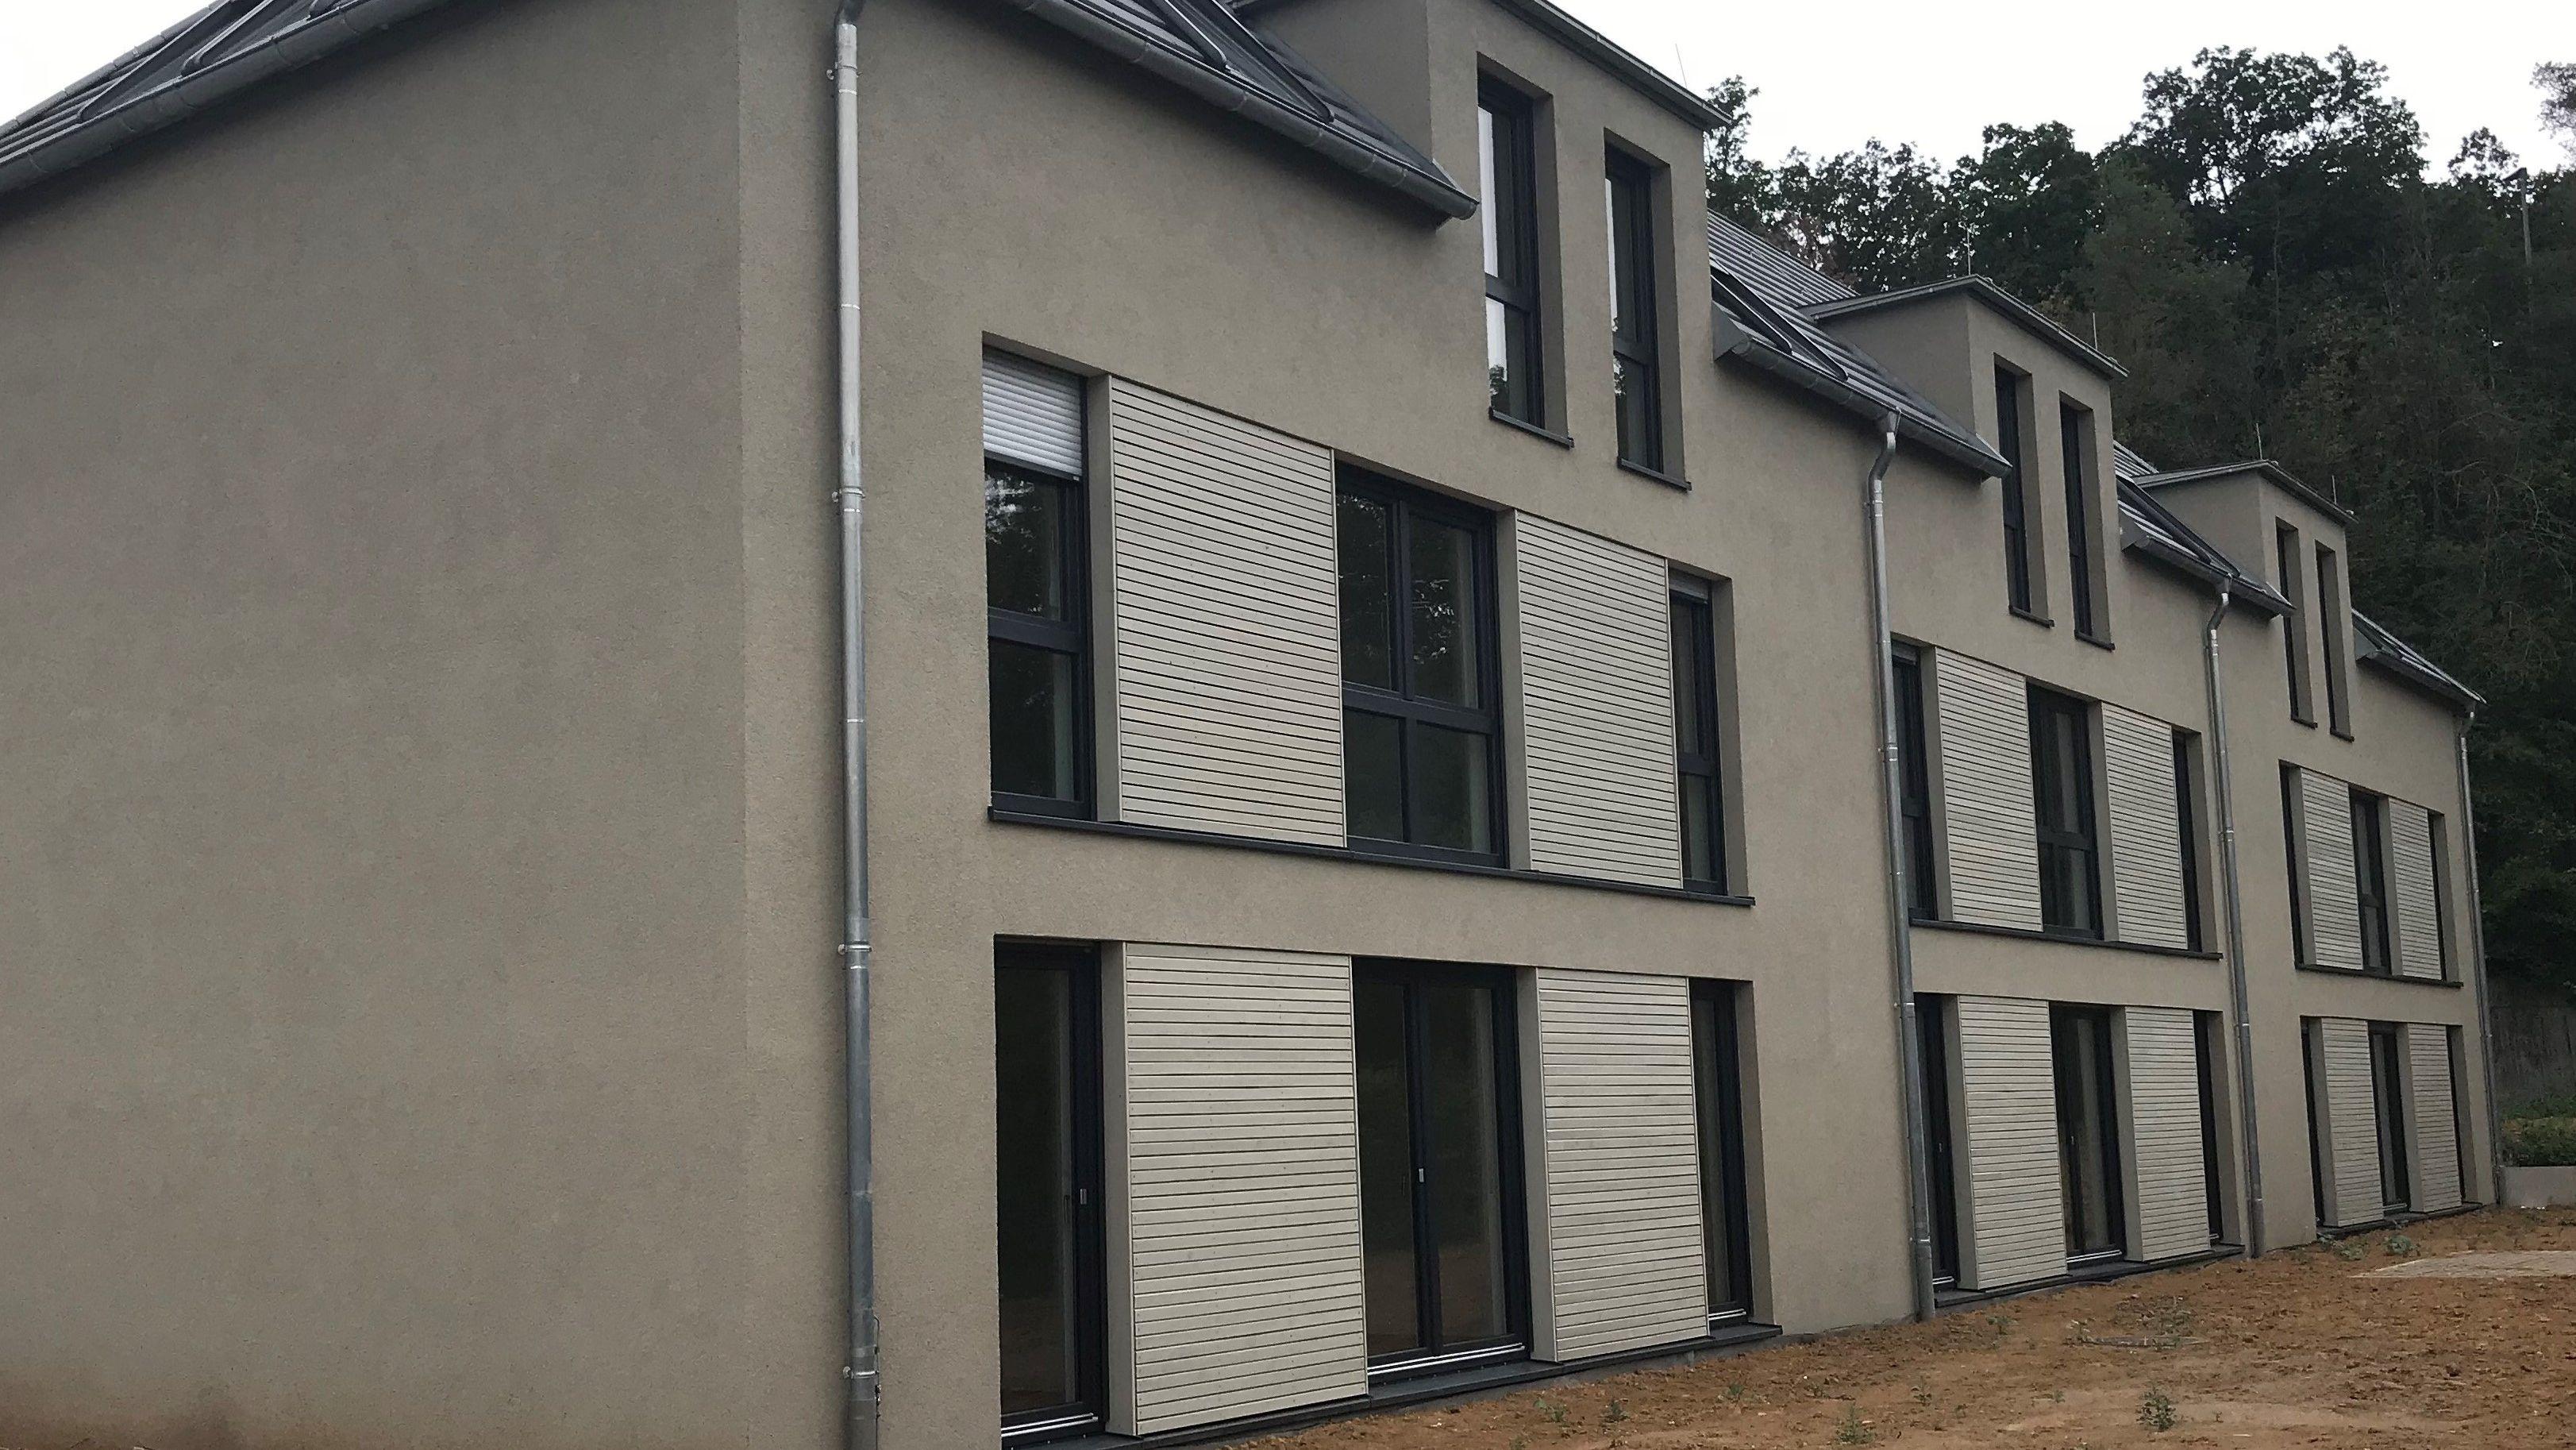 Staatliche Wohnanlage in Höchberg ist bezugsfertig